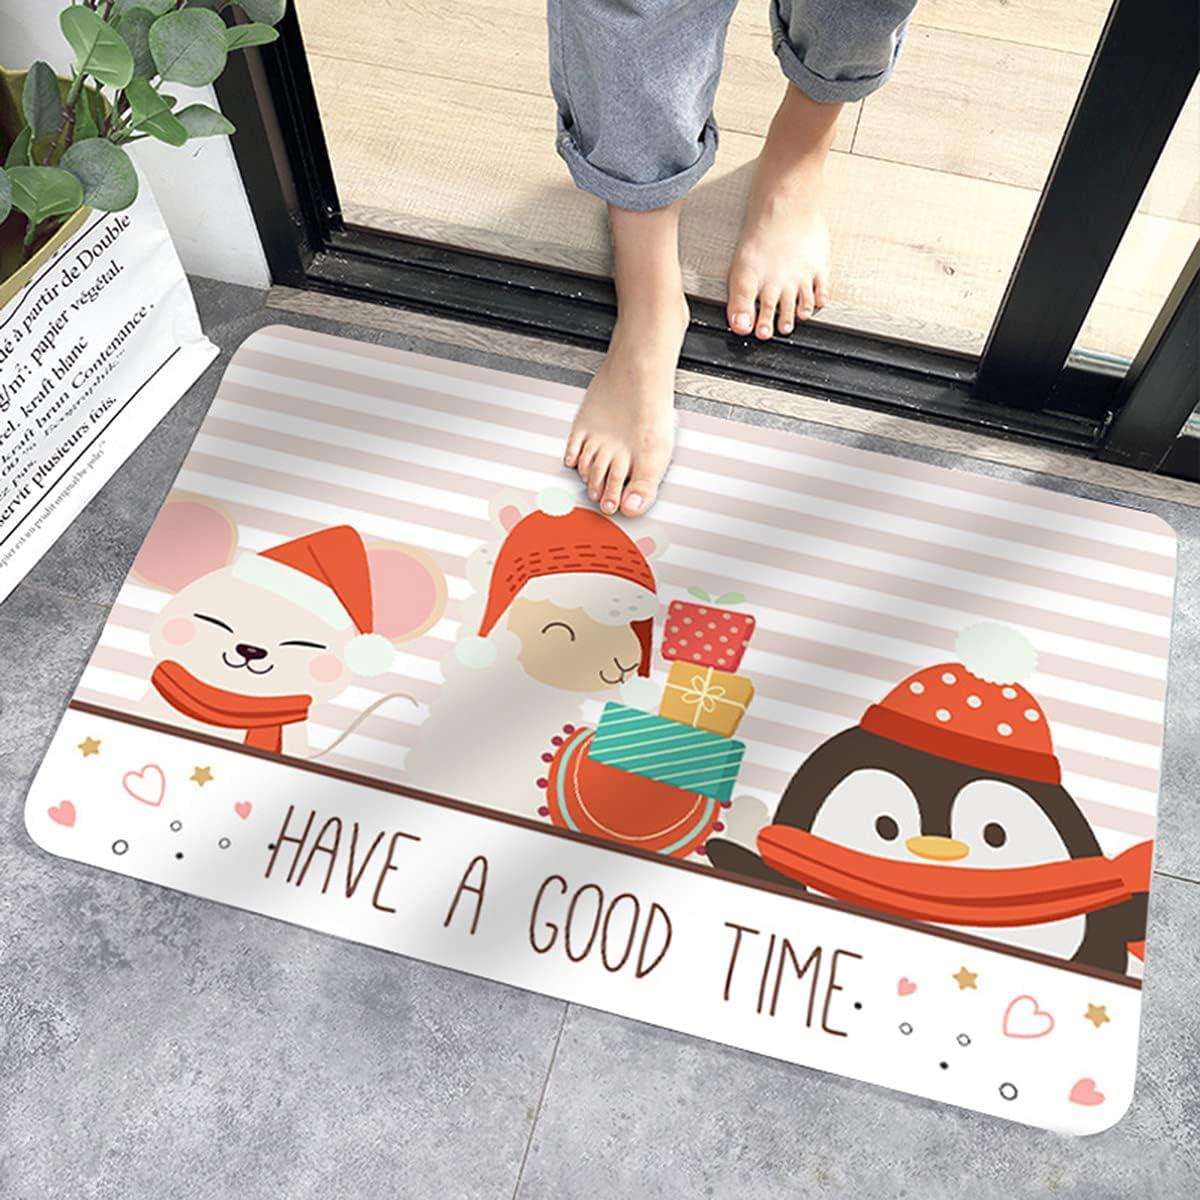 Ximger Felpudos de Navidad para puerta delantera de casa, mantas de bienvenida, antideslizante para puerta trasera, decoración interior y exterior, alfombra de entrada (42 x 62 cm)